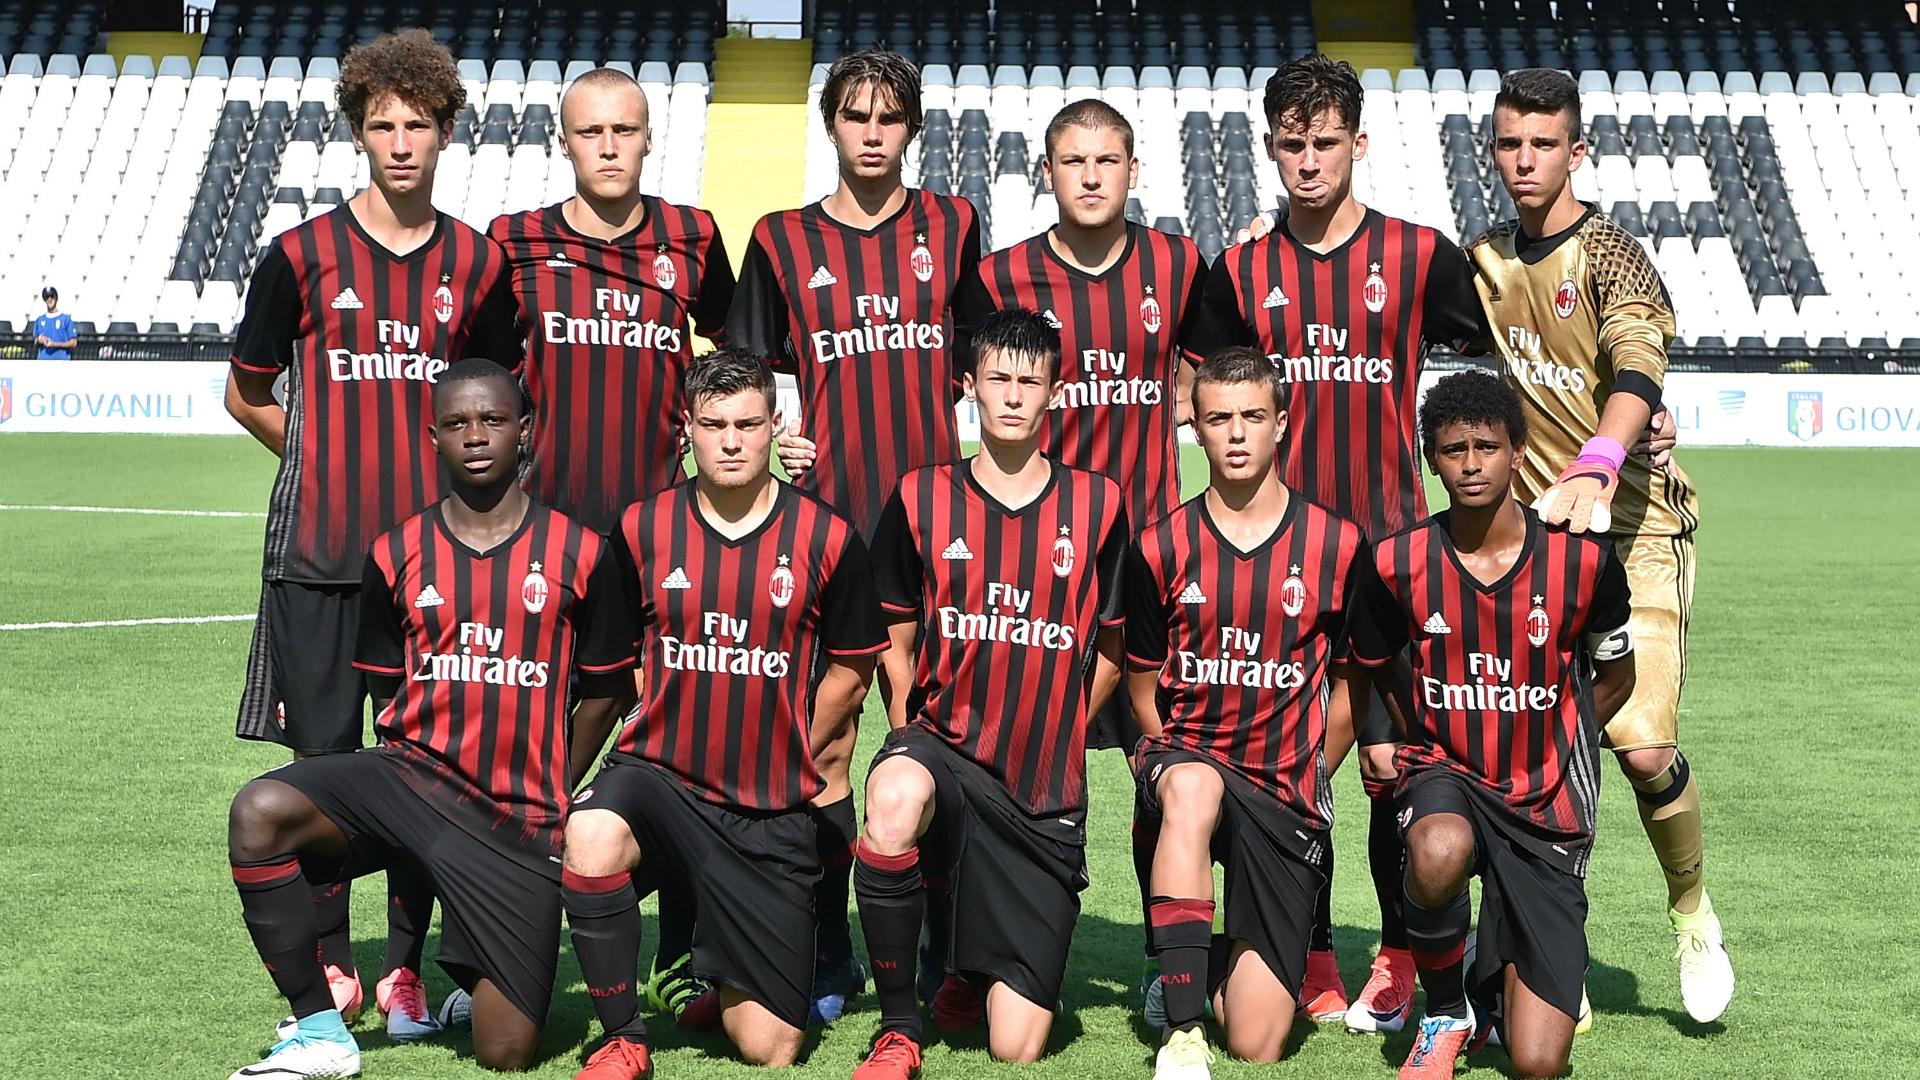 5-2 su Roma: Milan campione d'Italia U16